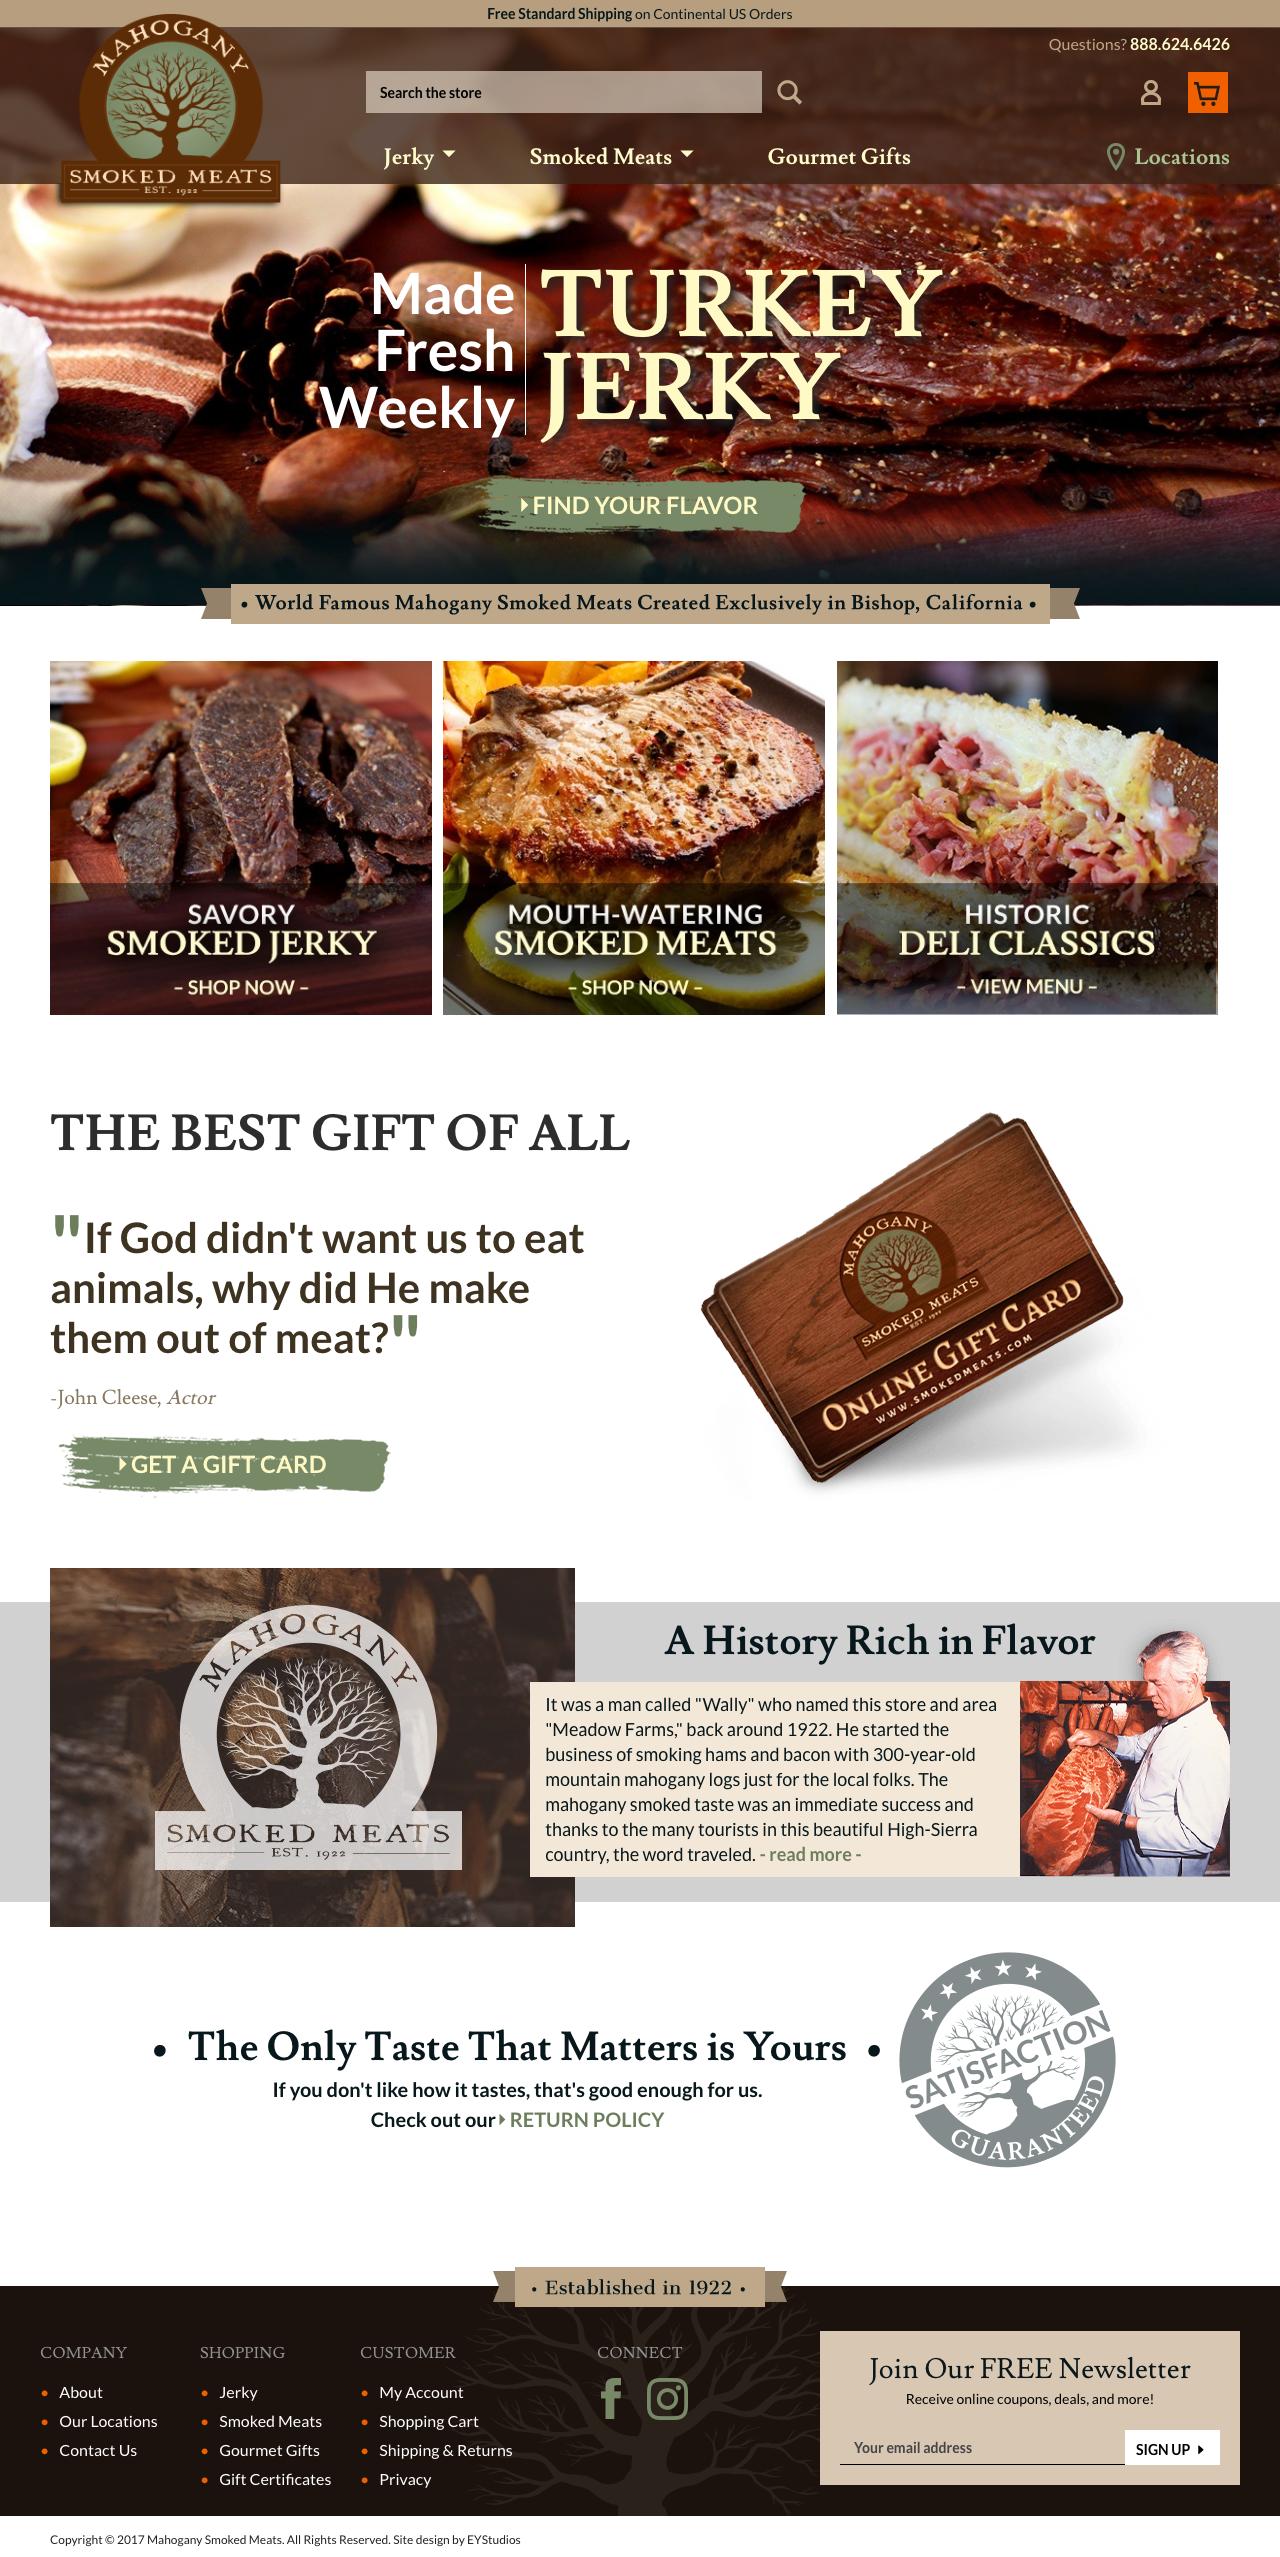 Mahogany Smoked Meats -  www.smokedmeats.com